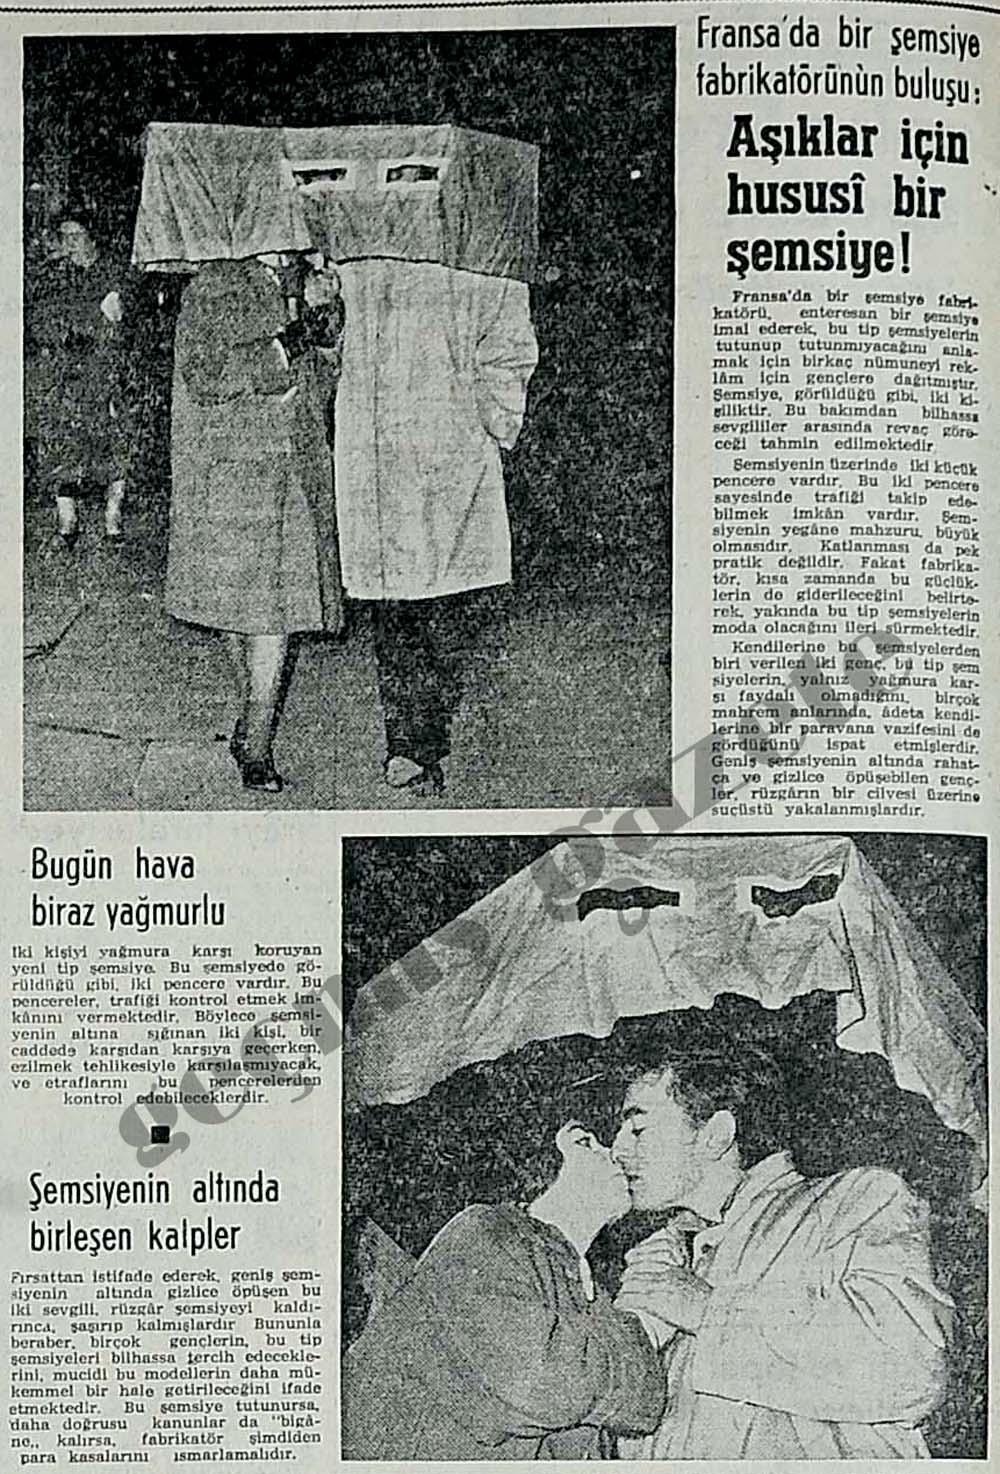 Aşıklar için hususi bir şemsiye!